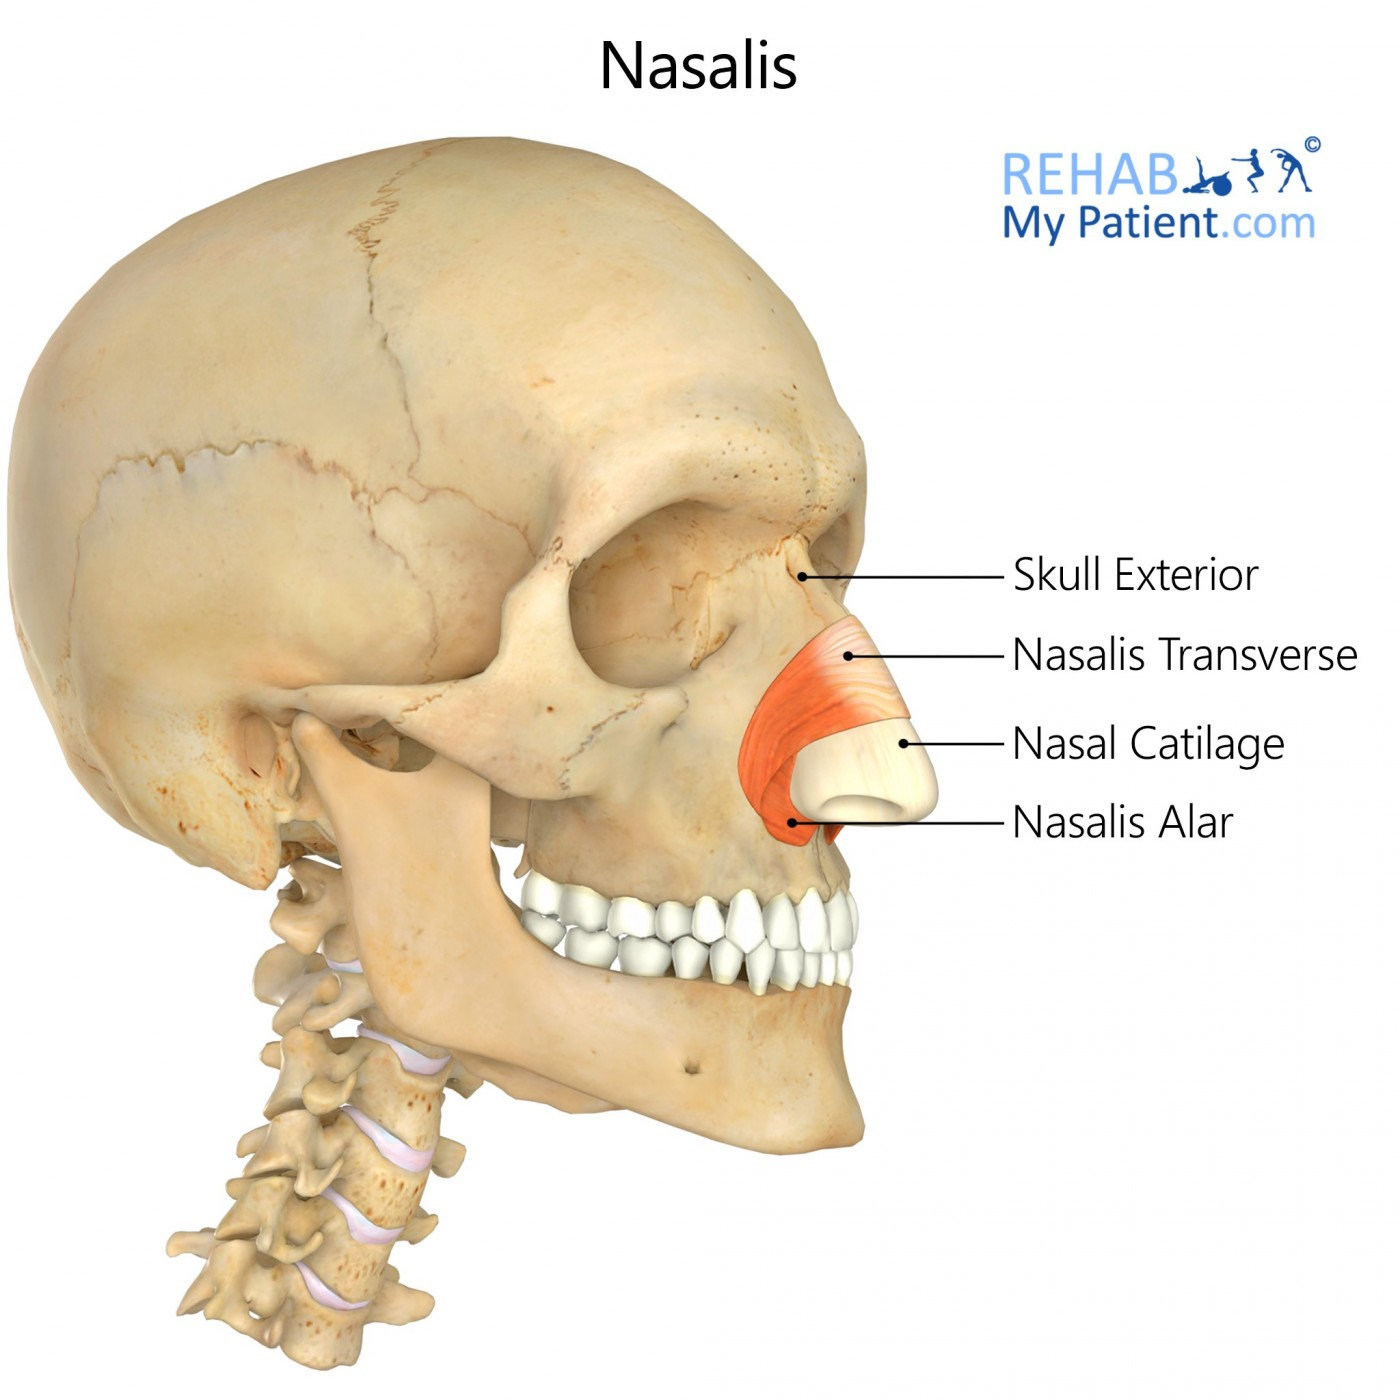 Nasalis